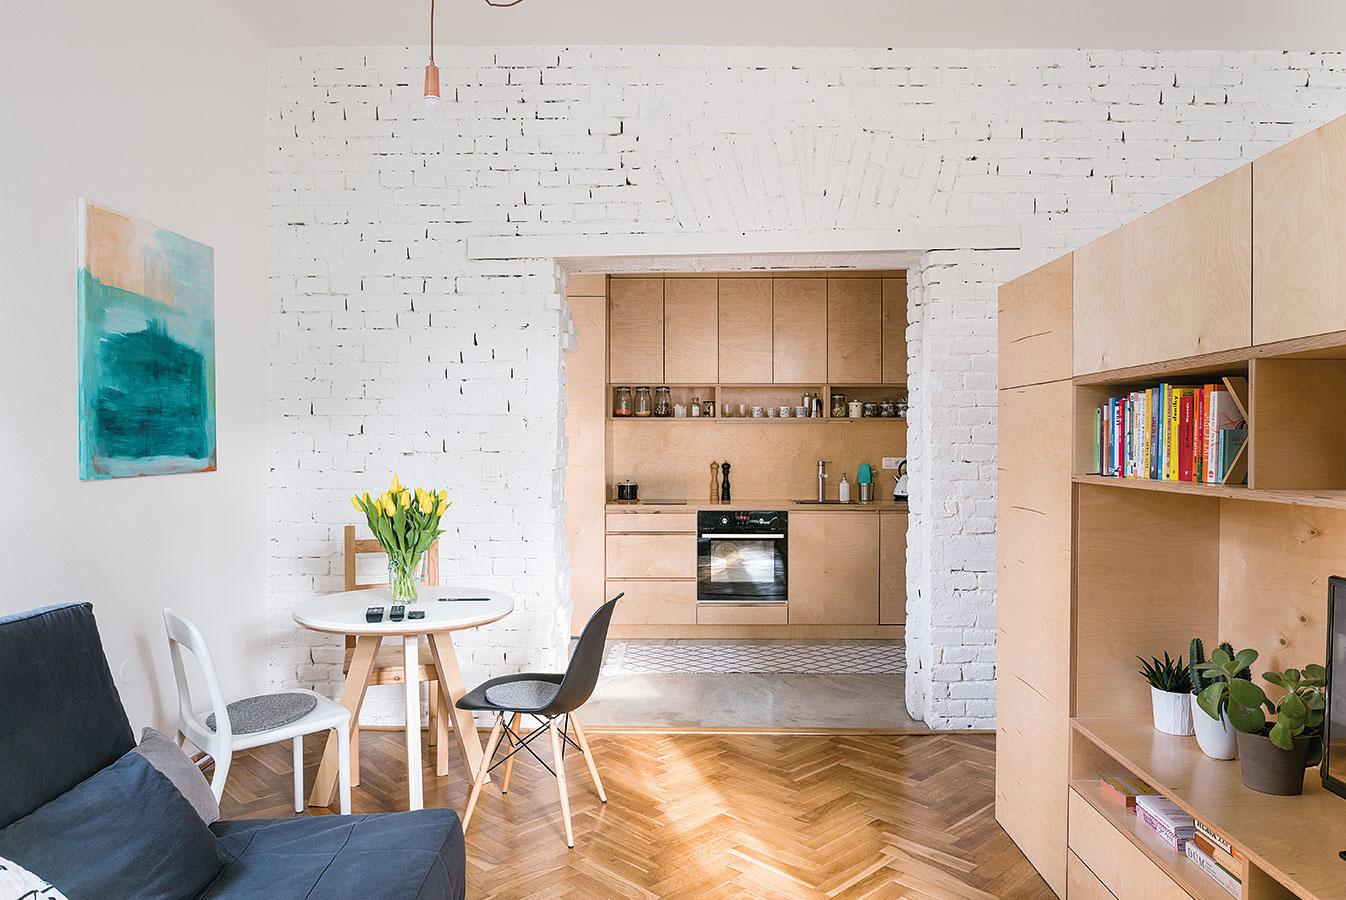 Vlastné bývanie bolo jedným zo spoločných projektov dvojice mladých architektov – Martiny Kalusovej aMichala Pulmana zbratislavského ateliéru NOØ.